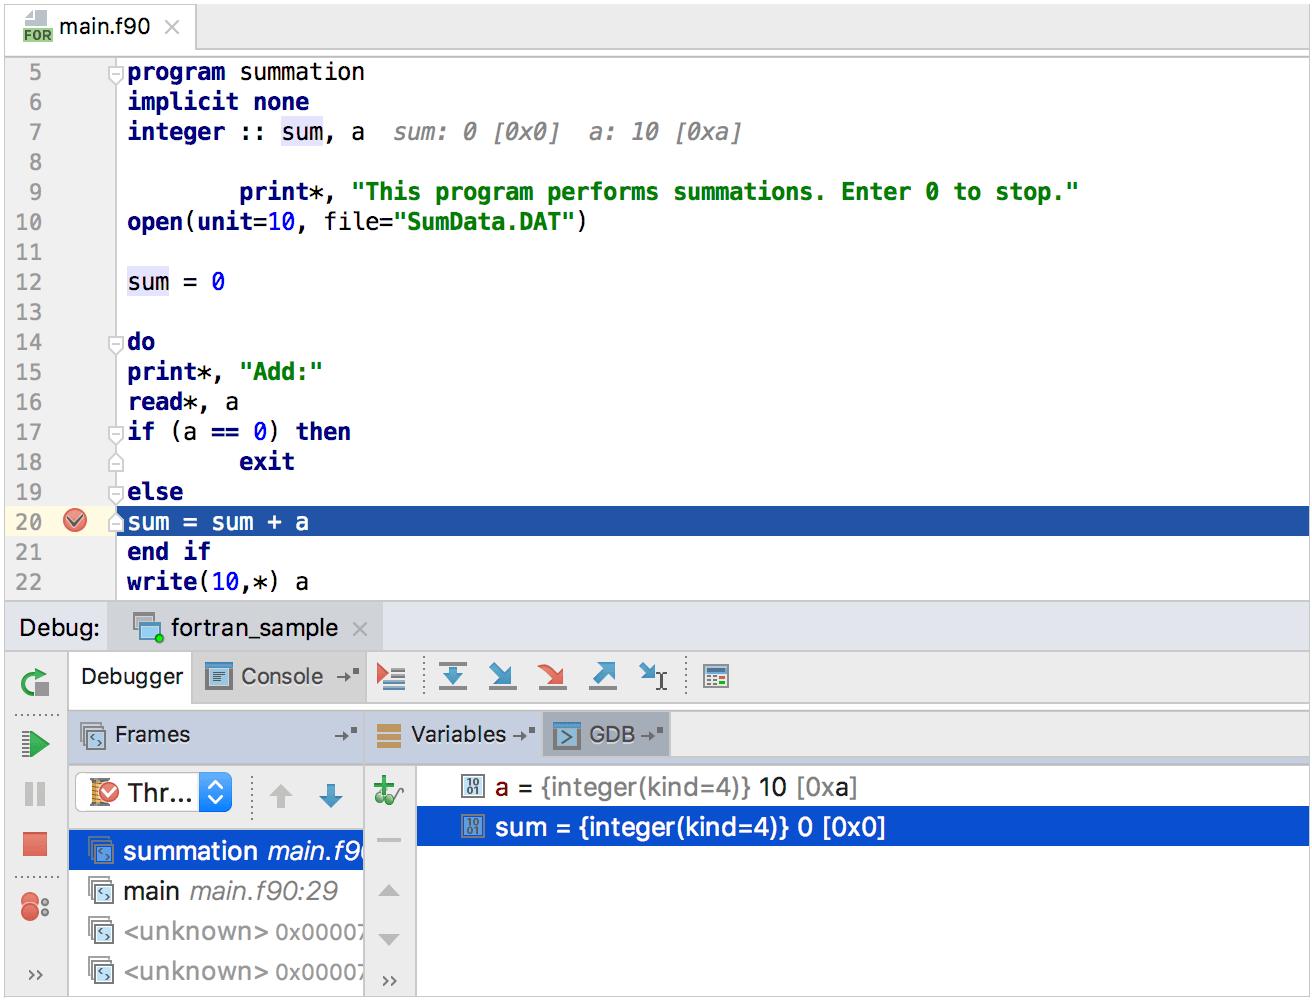 Execute Fortran Code Ubuntu